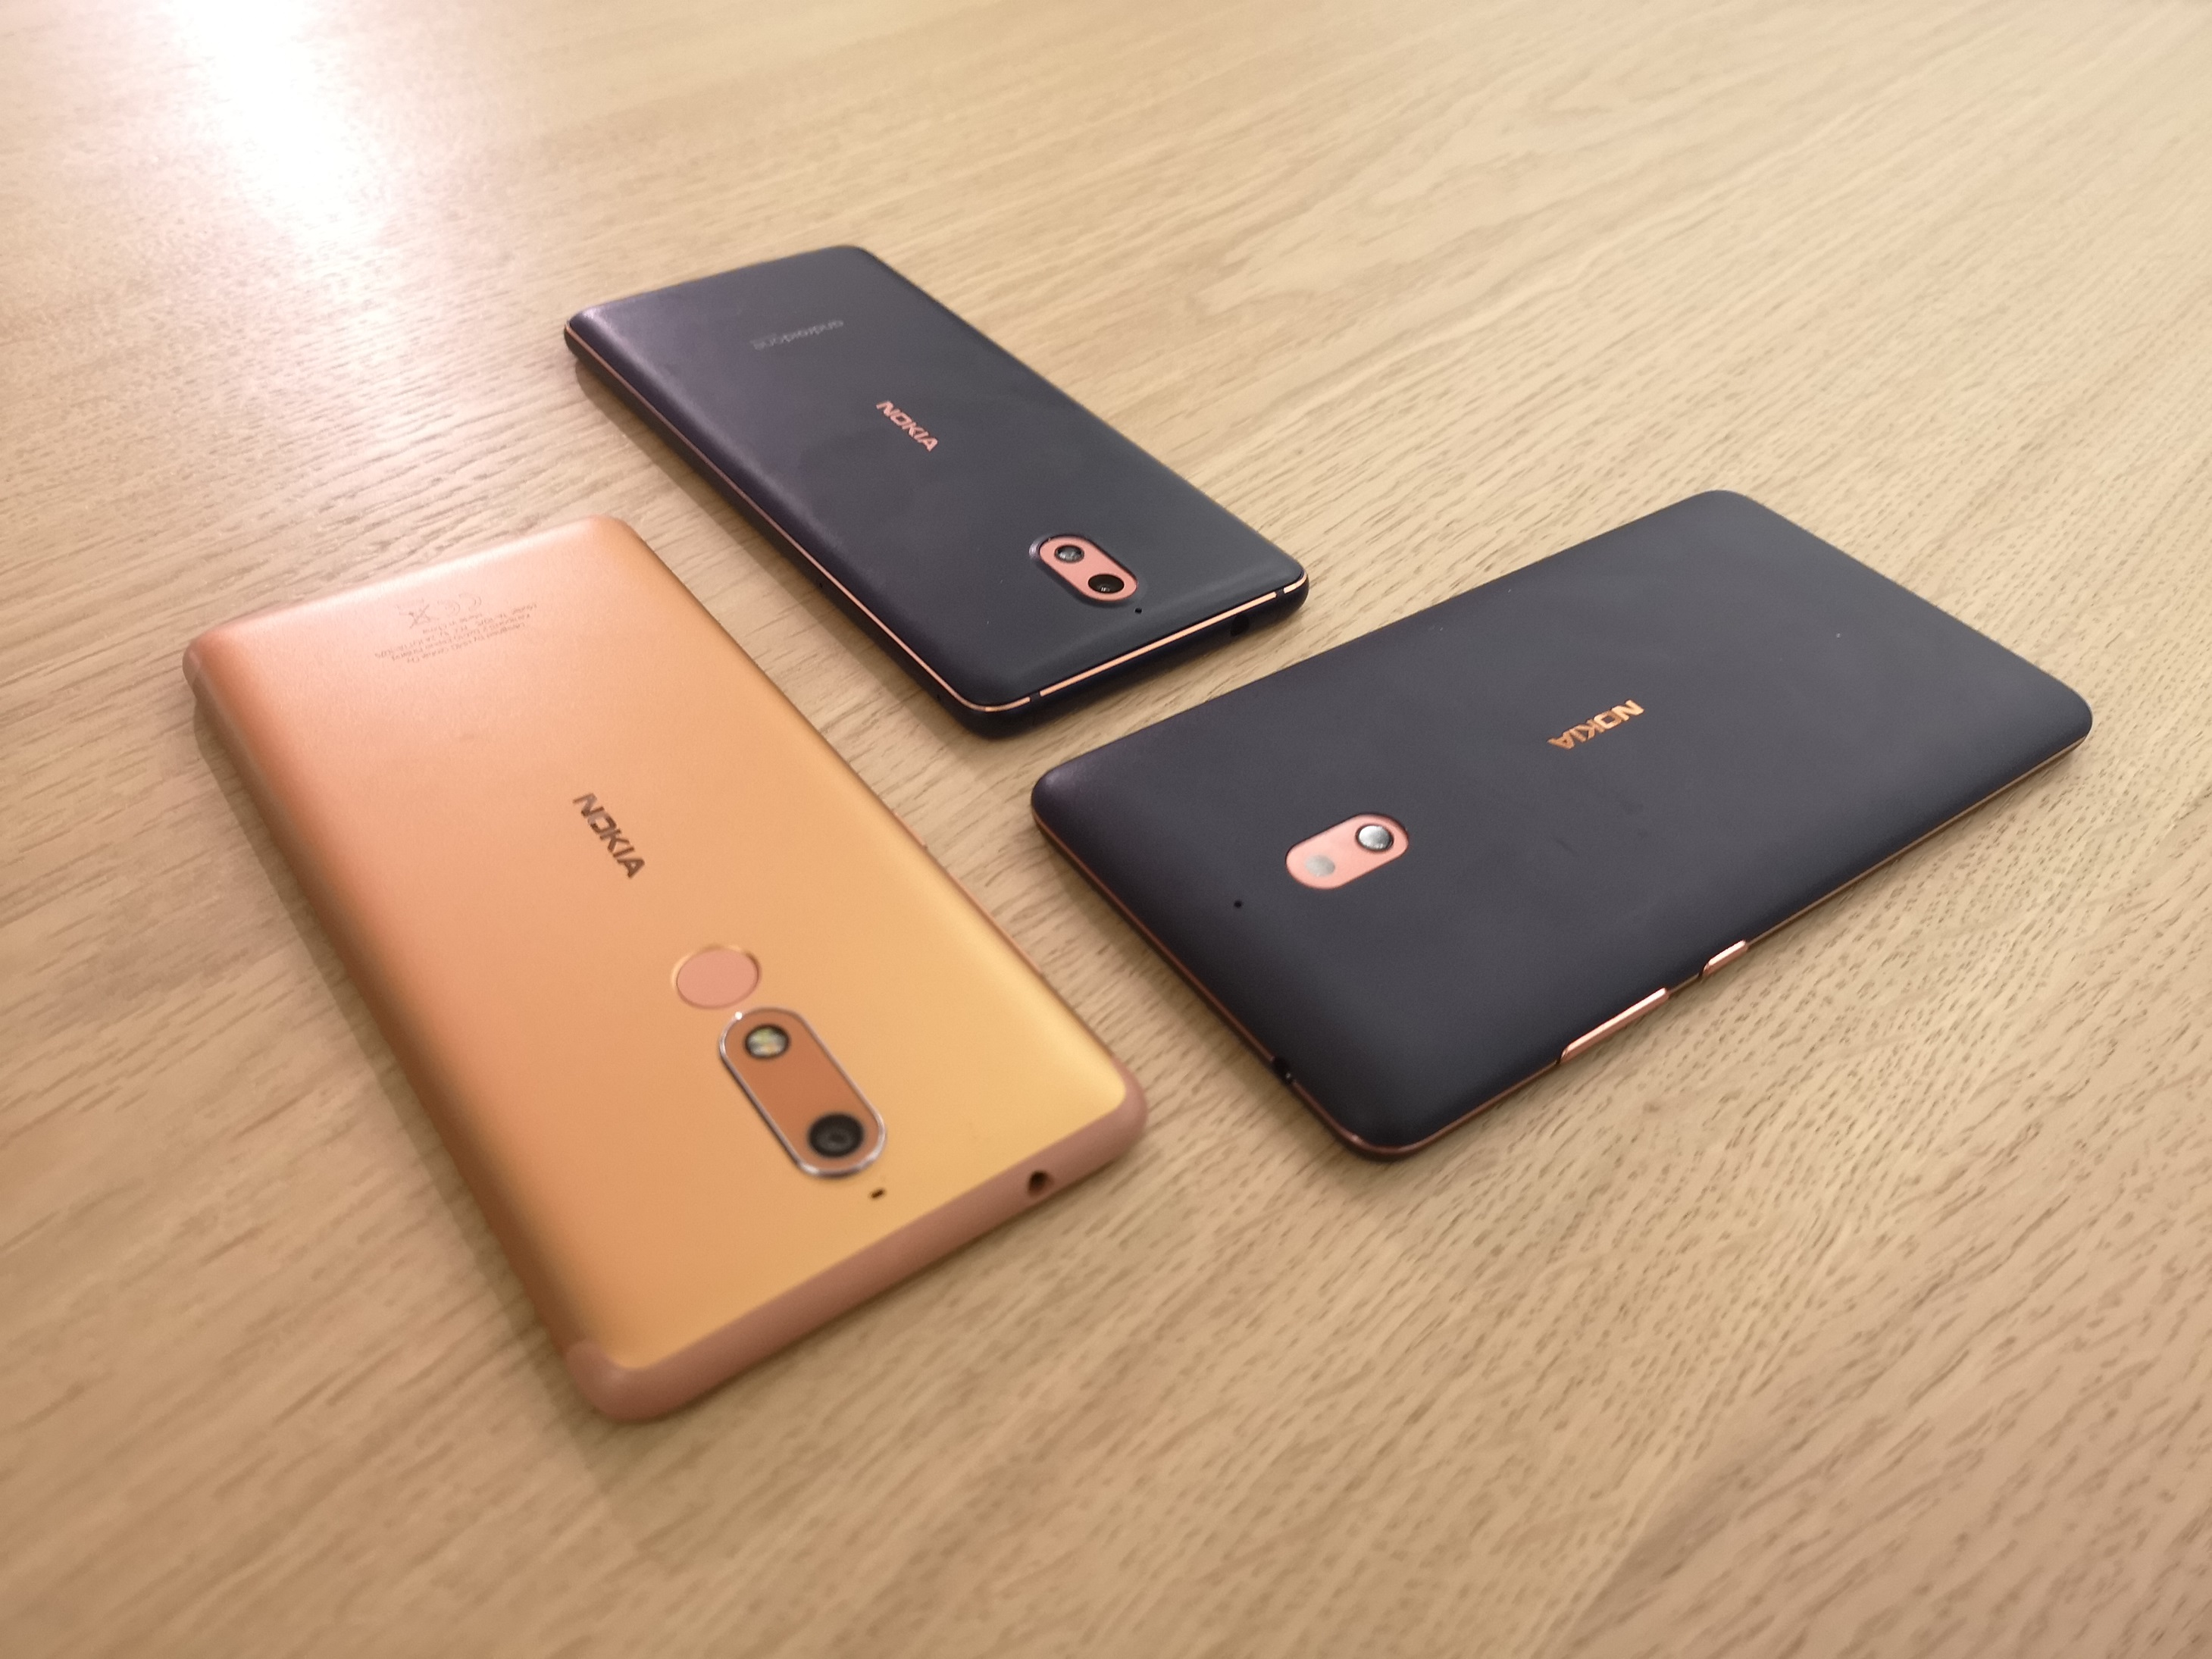 Prise en main Nokia 2.1, 3.1 et 5.1 : des entrées de gamme qui assurent